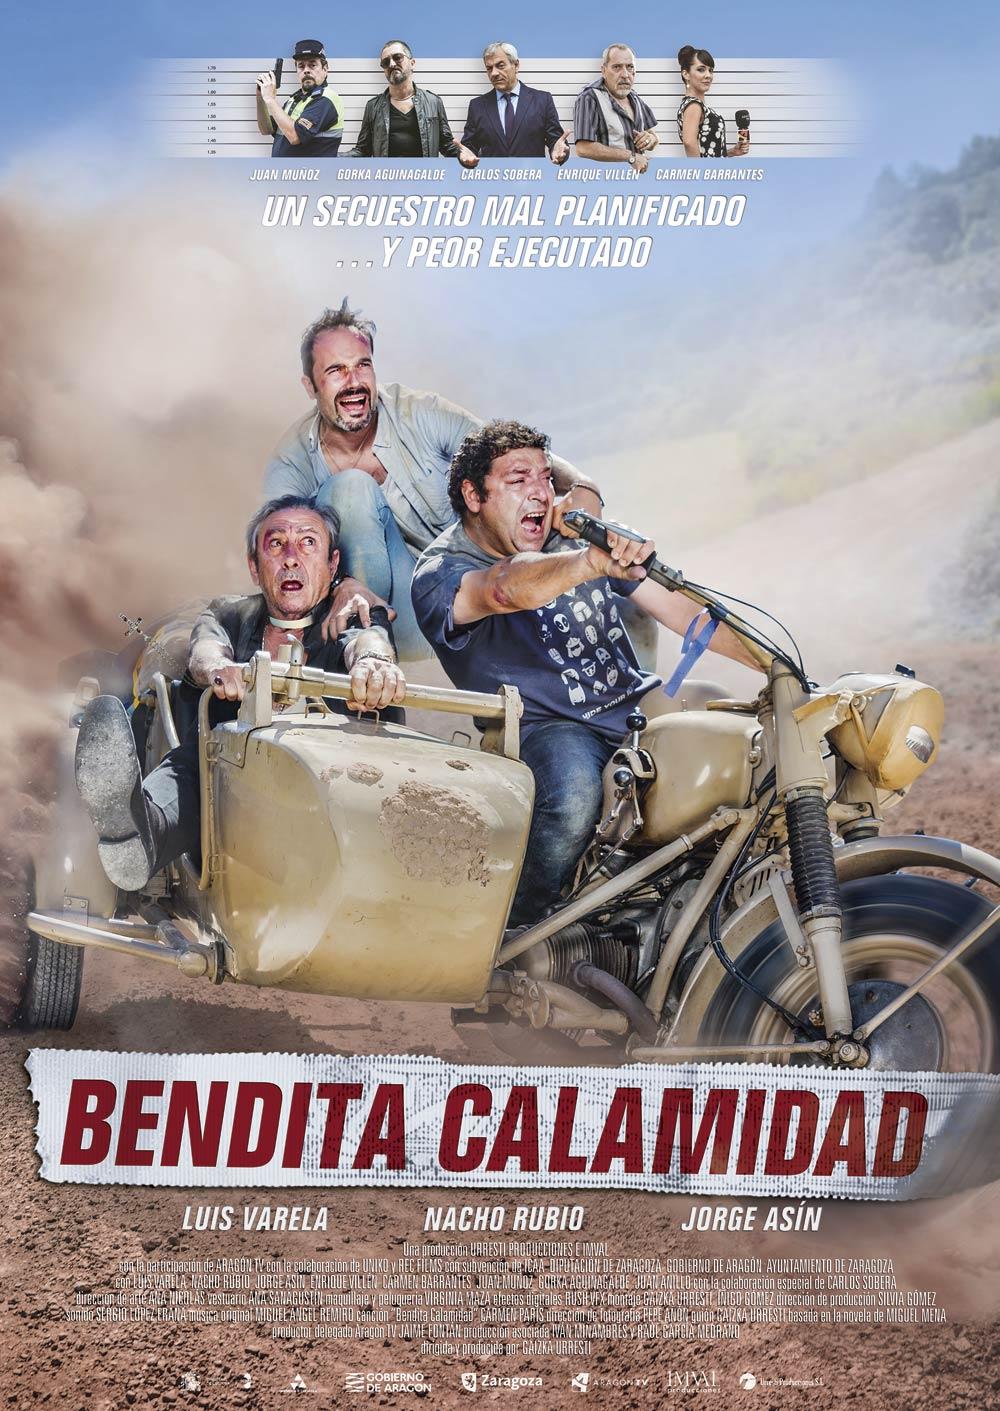 Resumen y sinópsis de Bendita calamidad de Miguel Mena